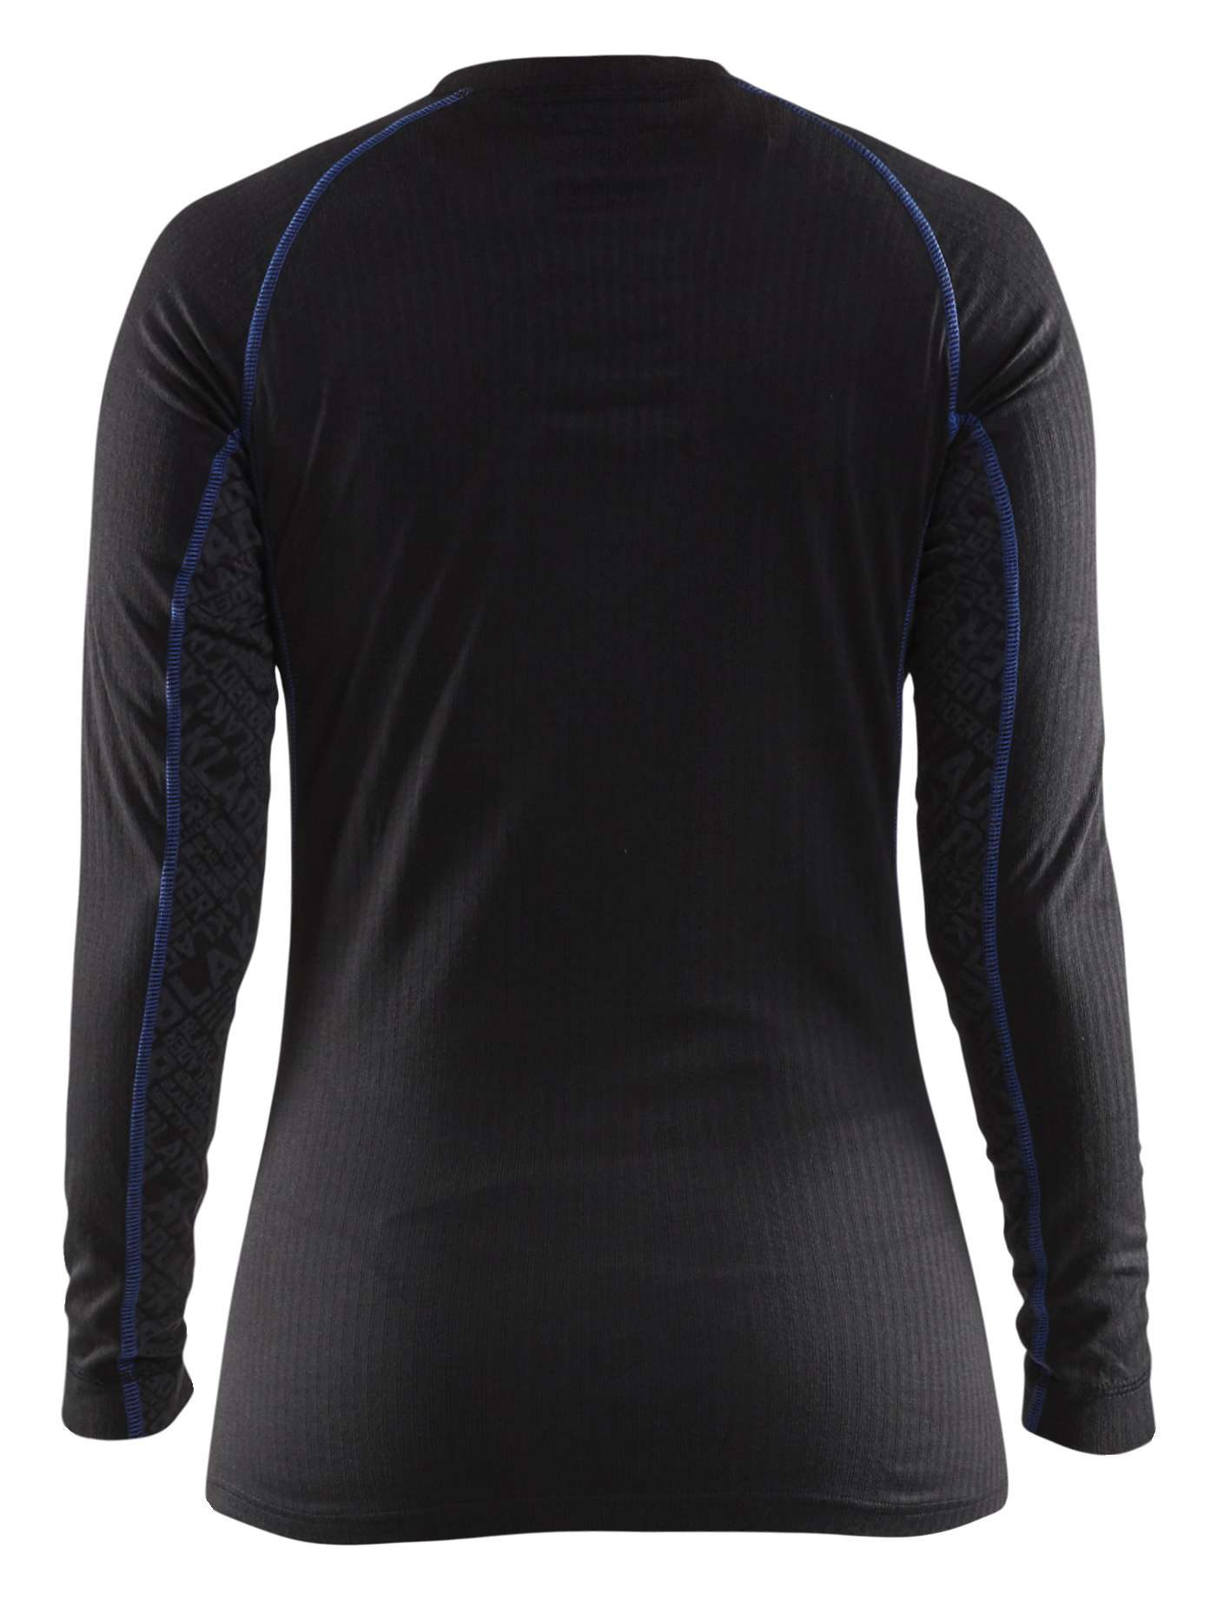 Blaklader Ondergoed 72021707 Shirt en onderbroek zwart-korenblauw(9985)